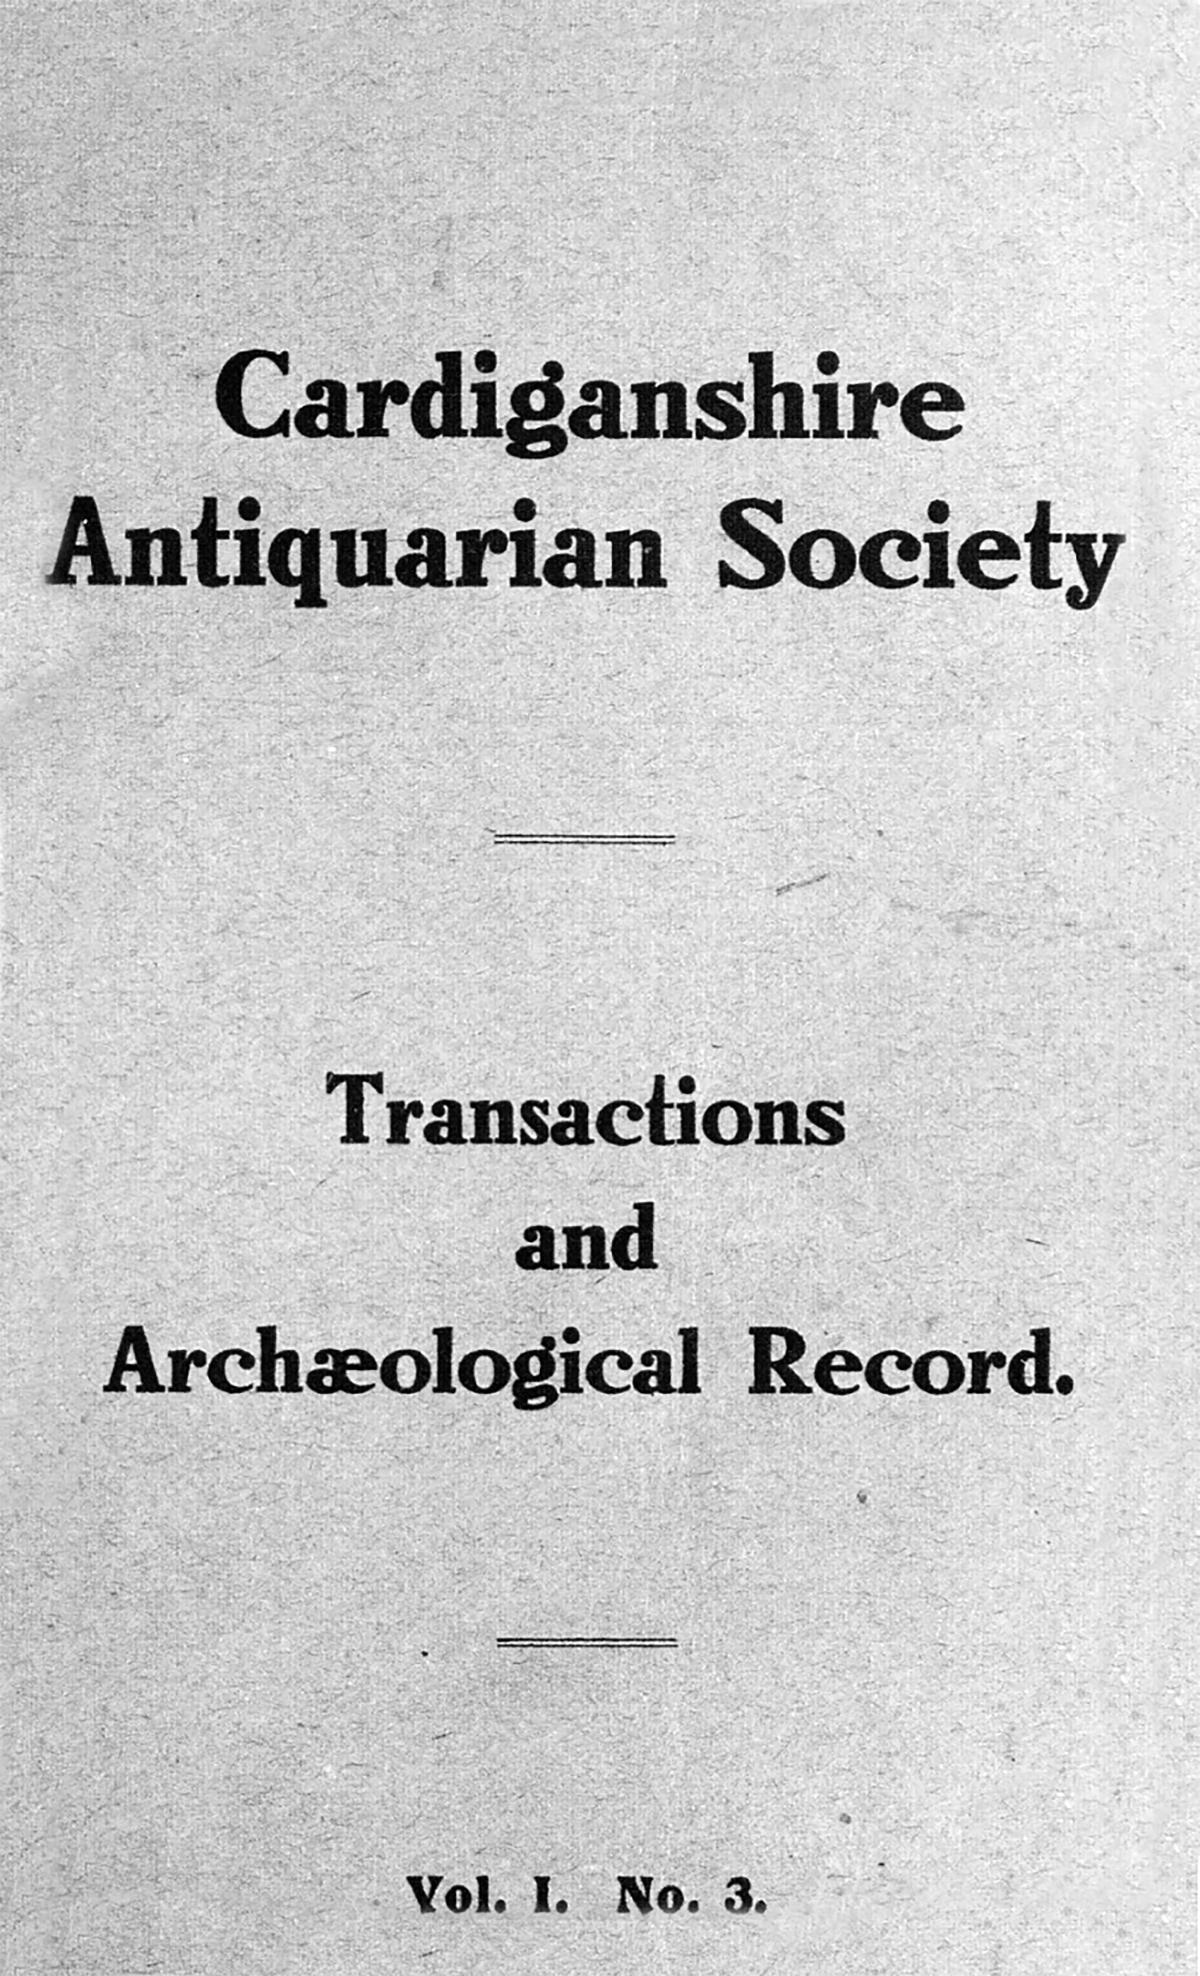 Trafodion Cymdeithas Hynafiaethwyr Sir Aberteifi a Chofnod archeolegol - Cyfrol 1 Rhan 3